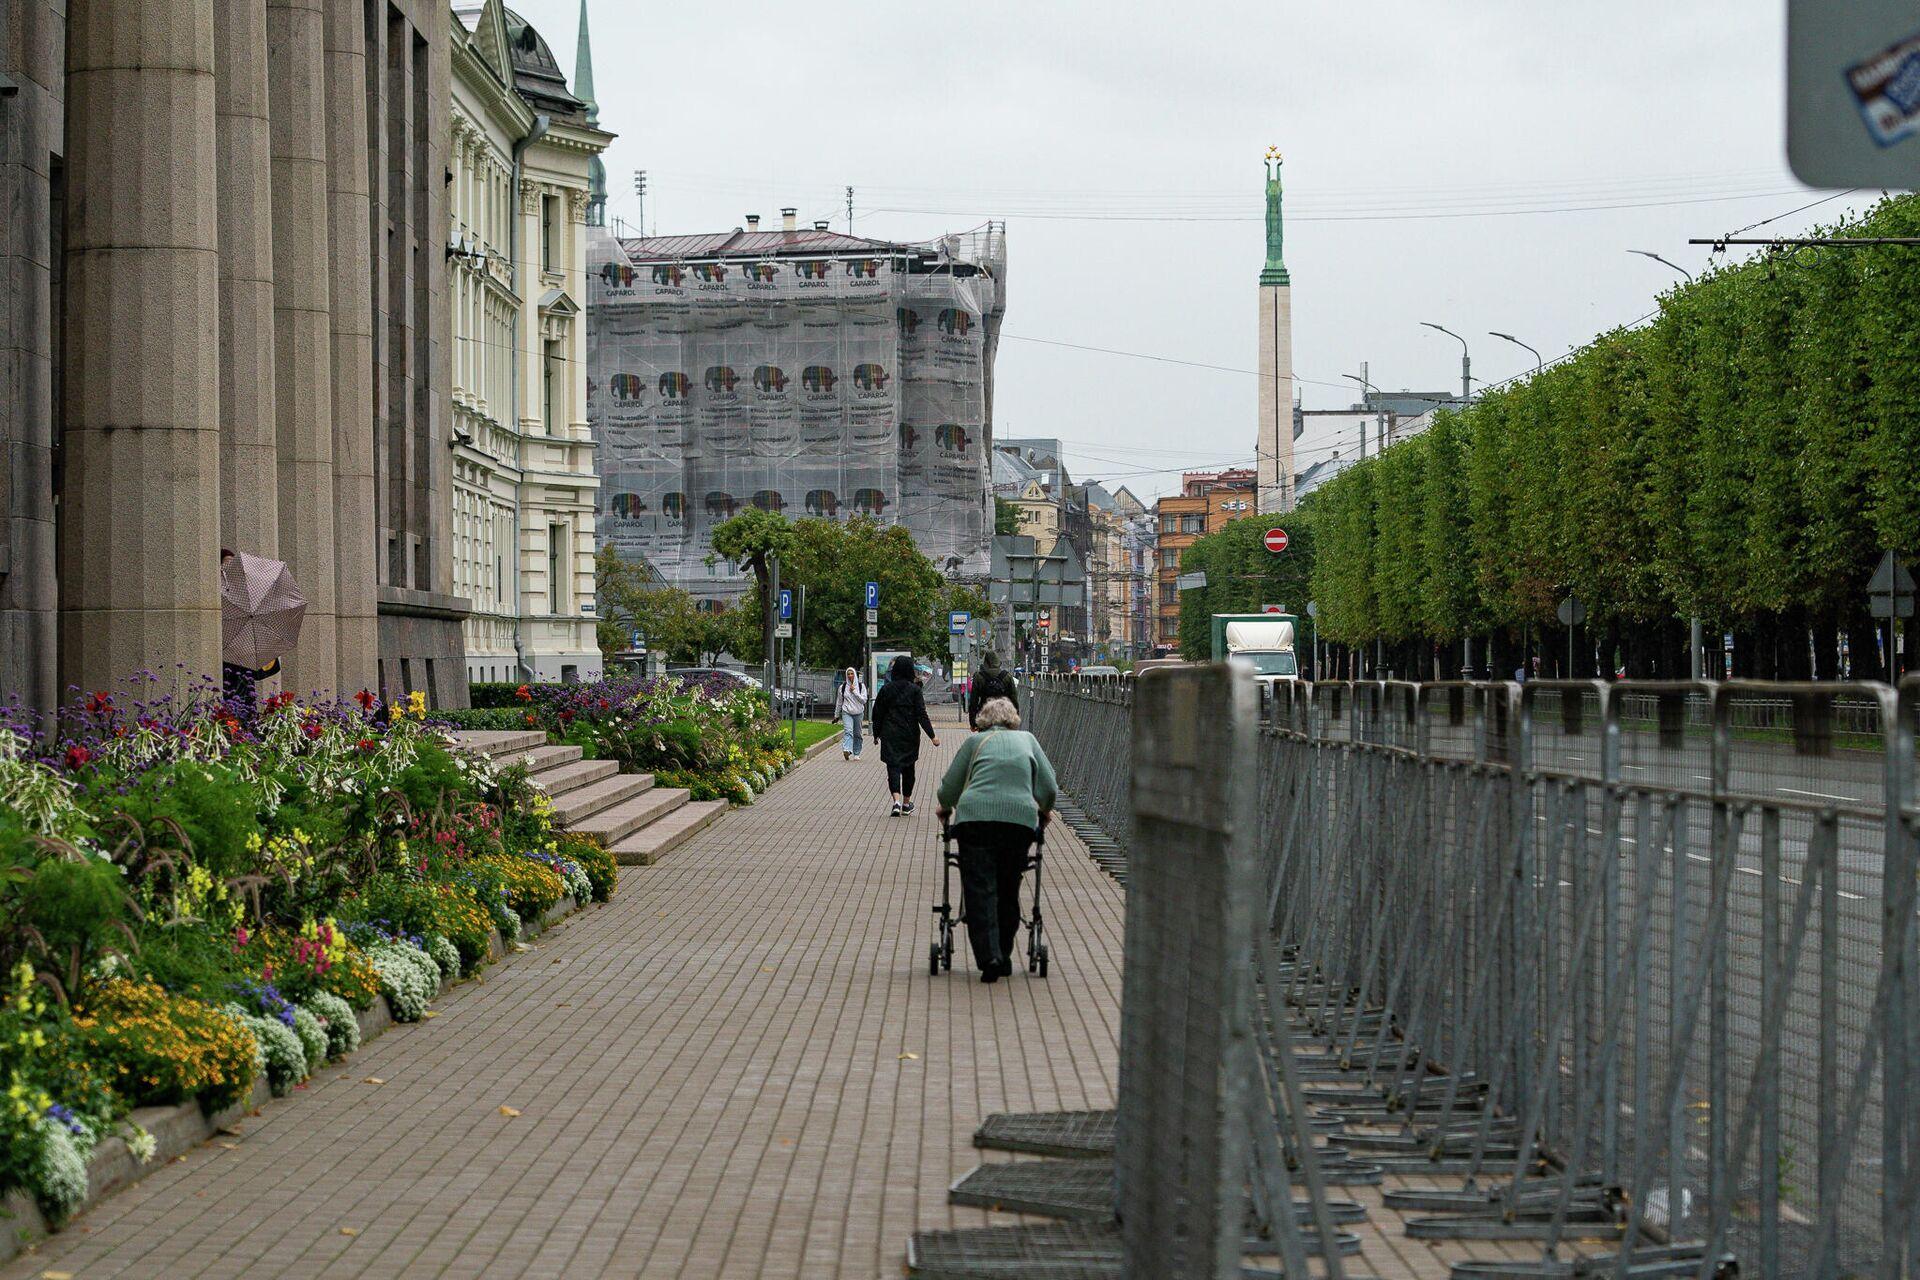 Обстановка у здания Кабинета министров Латвии - Sputnik Латвия, 1920, 18.08.2021